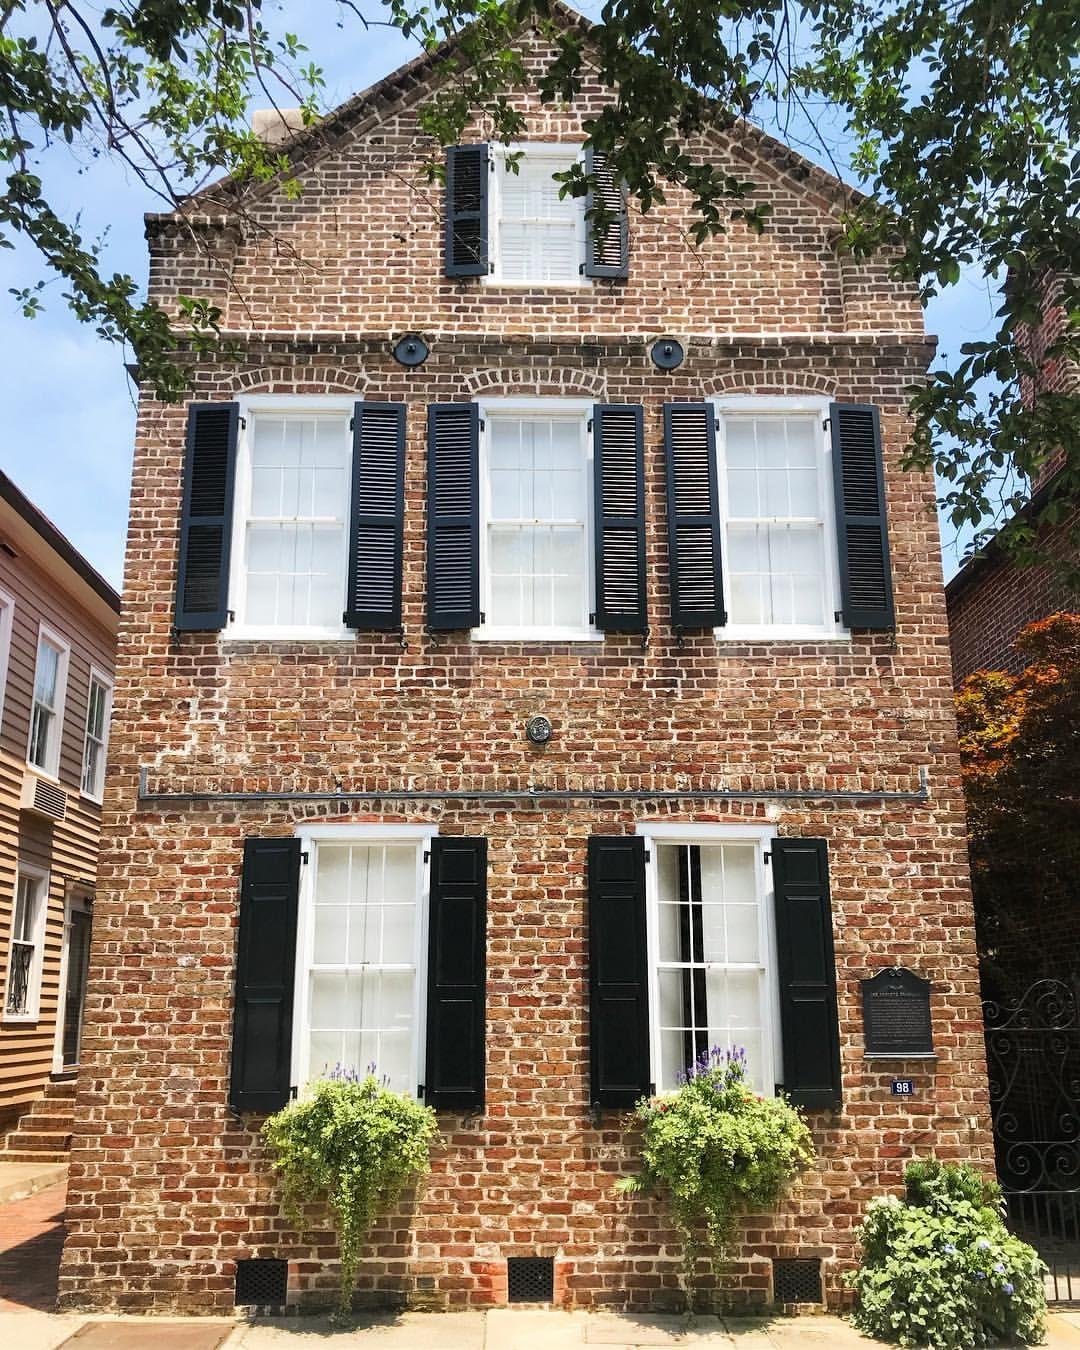 King St Charleston Sc: King Street #charleston #historicharleston #charlestonly